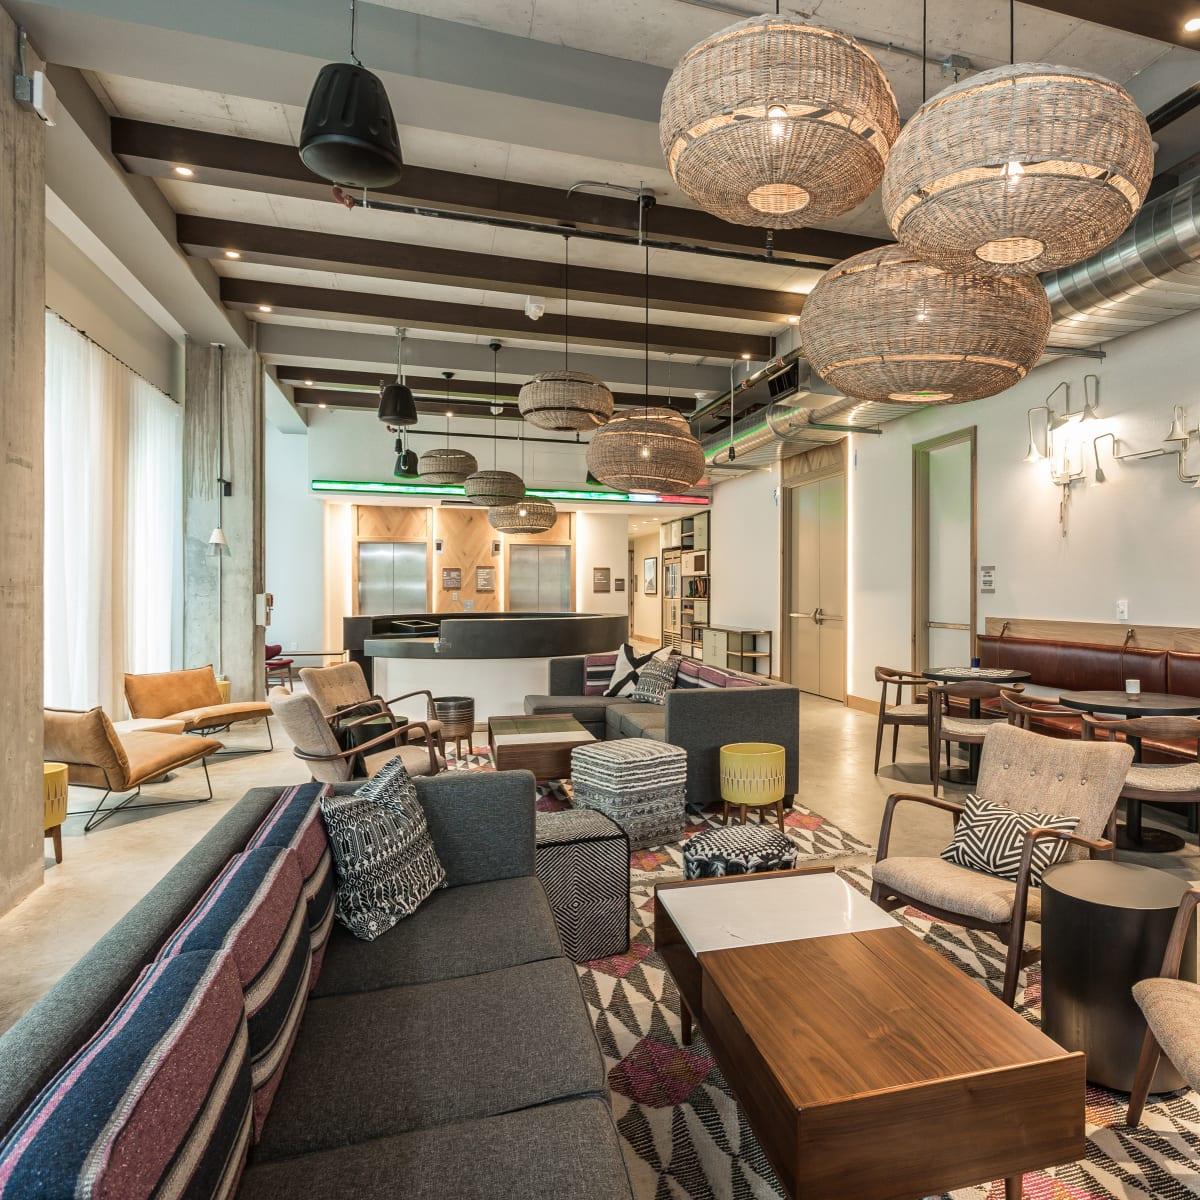 Aloft Hotel 2017